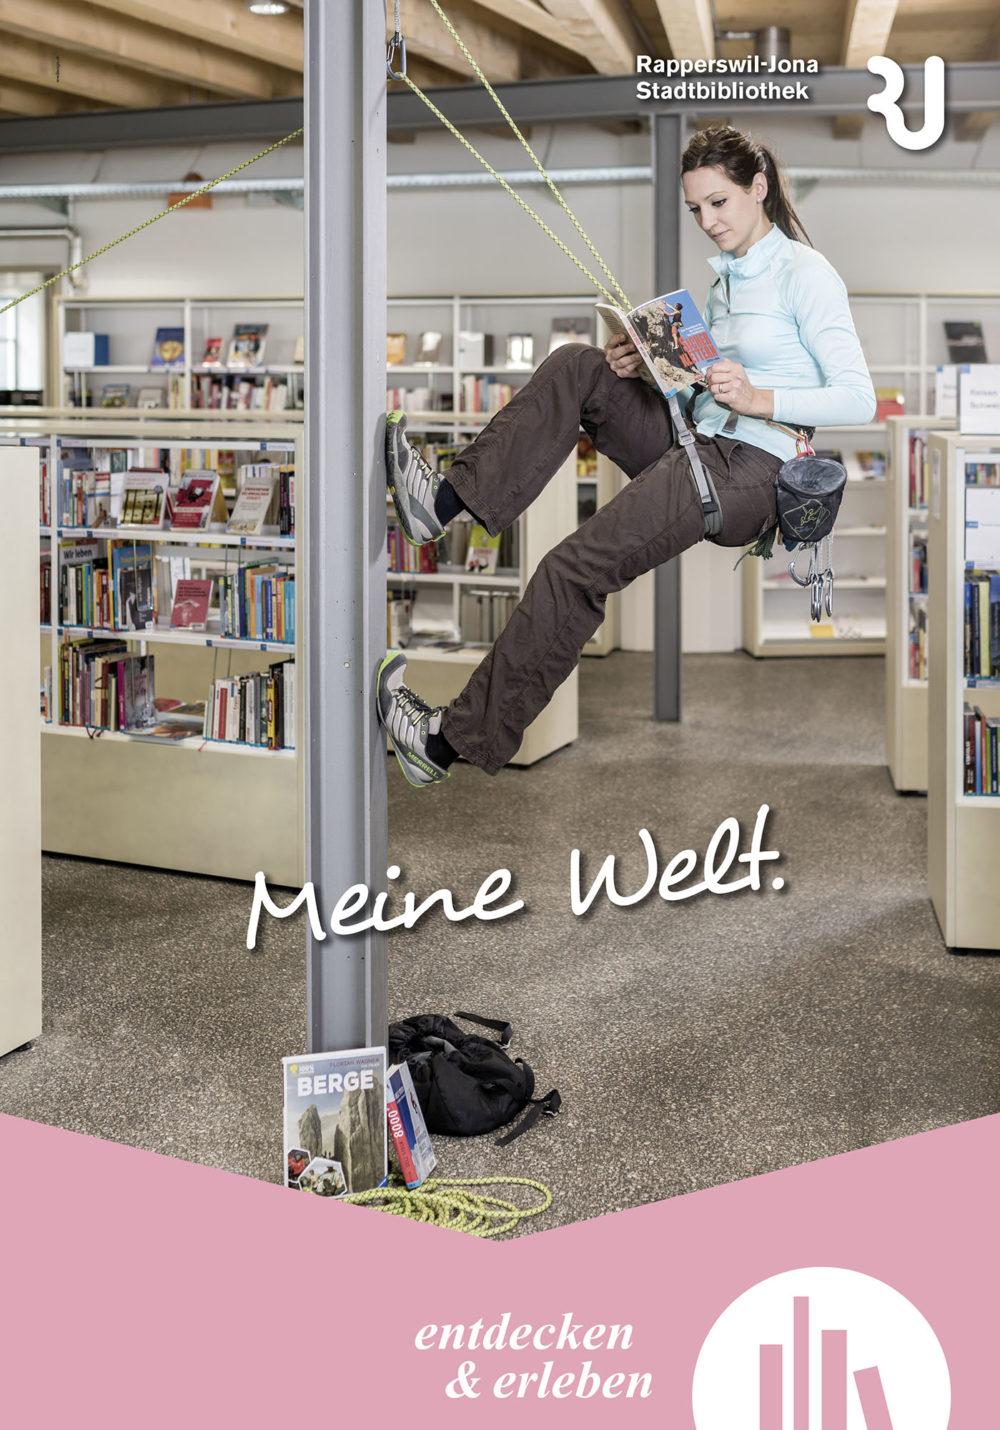 Kampagne Stadbibliothek Rapperswil